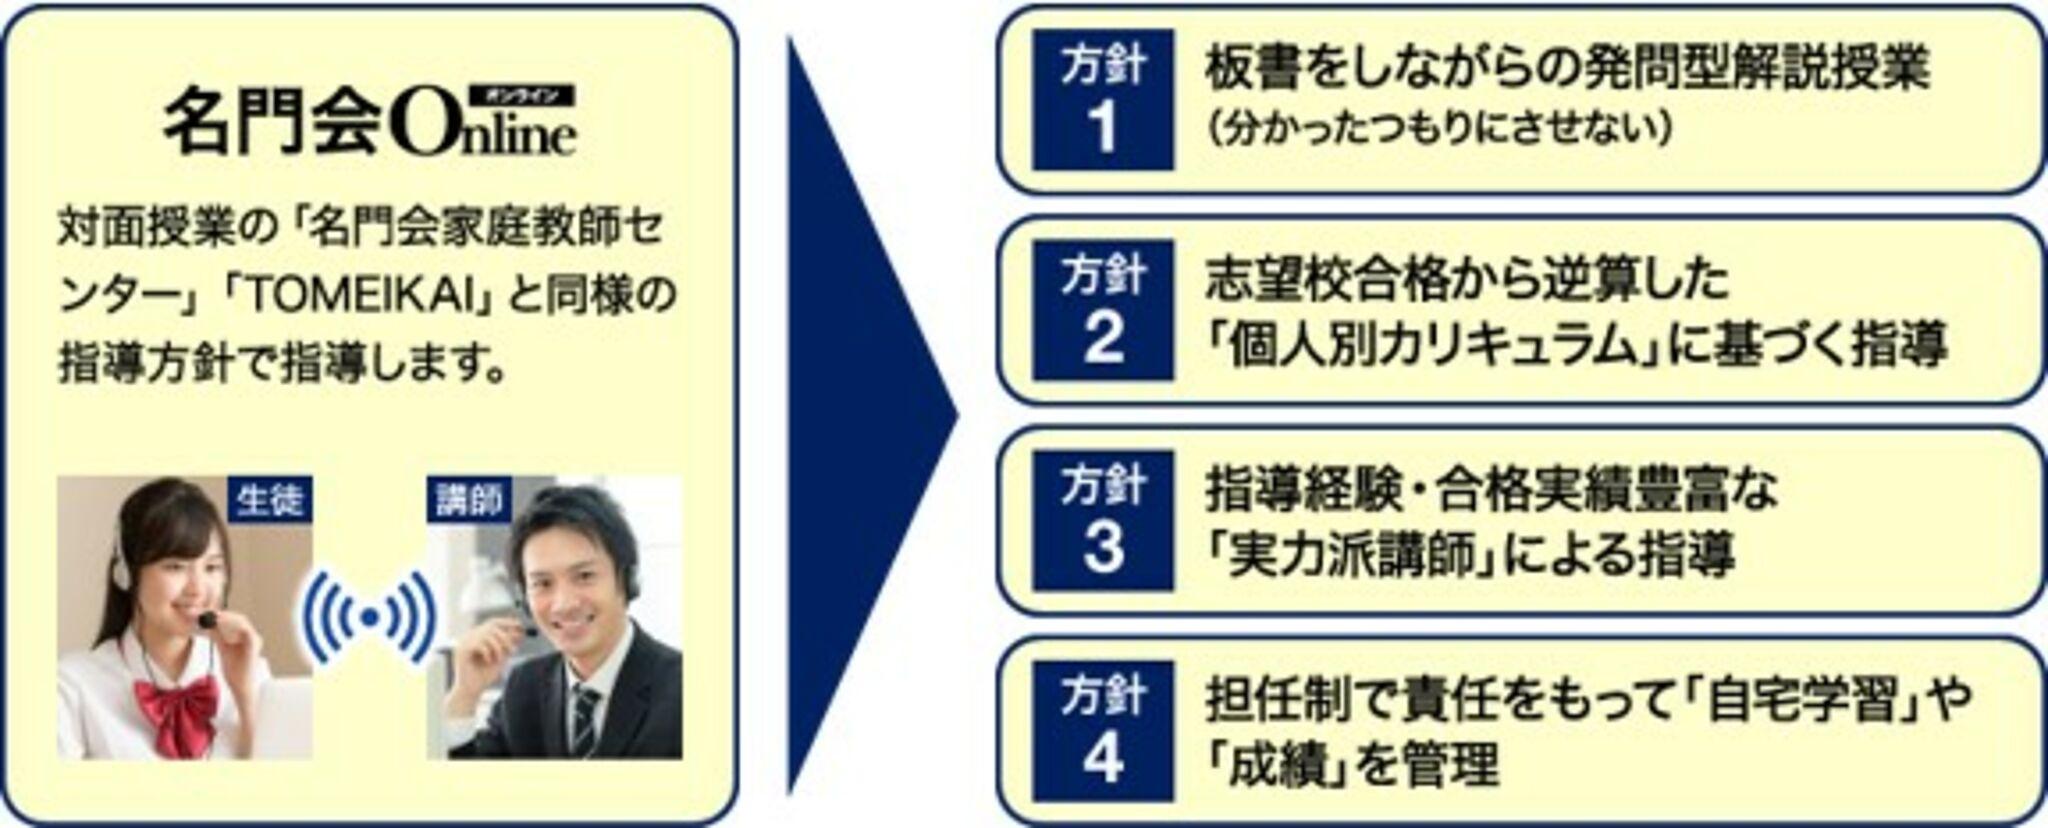 名門会 インタビュー 名門会オンライン